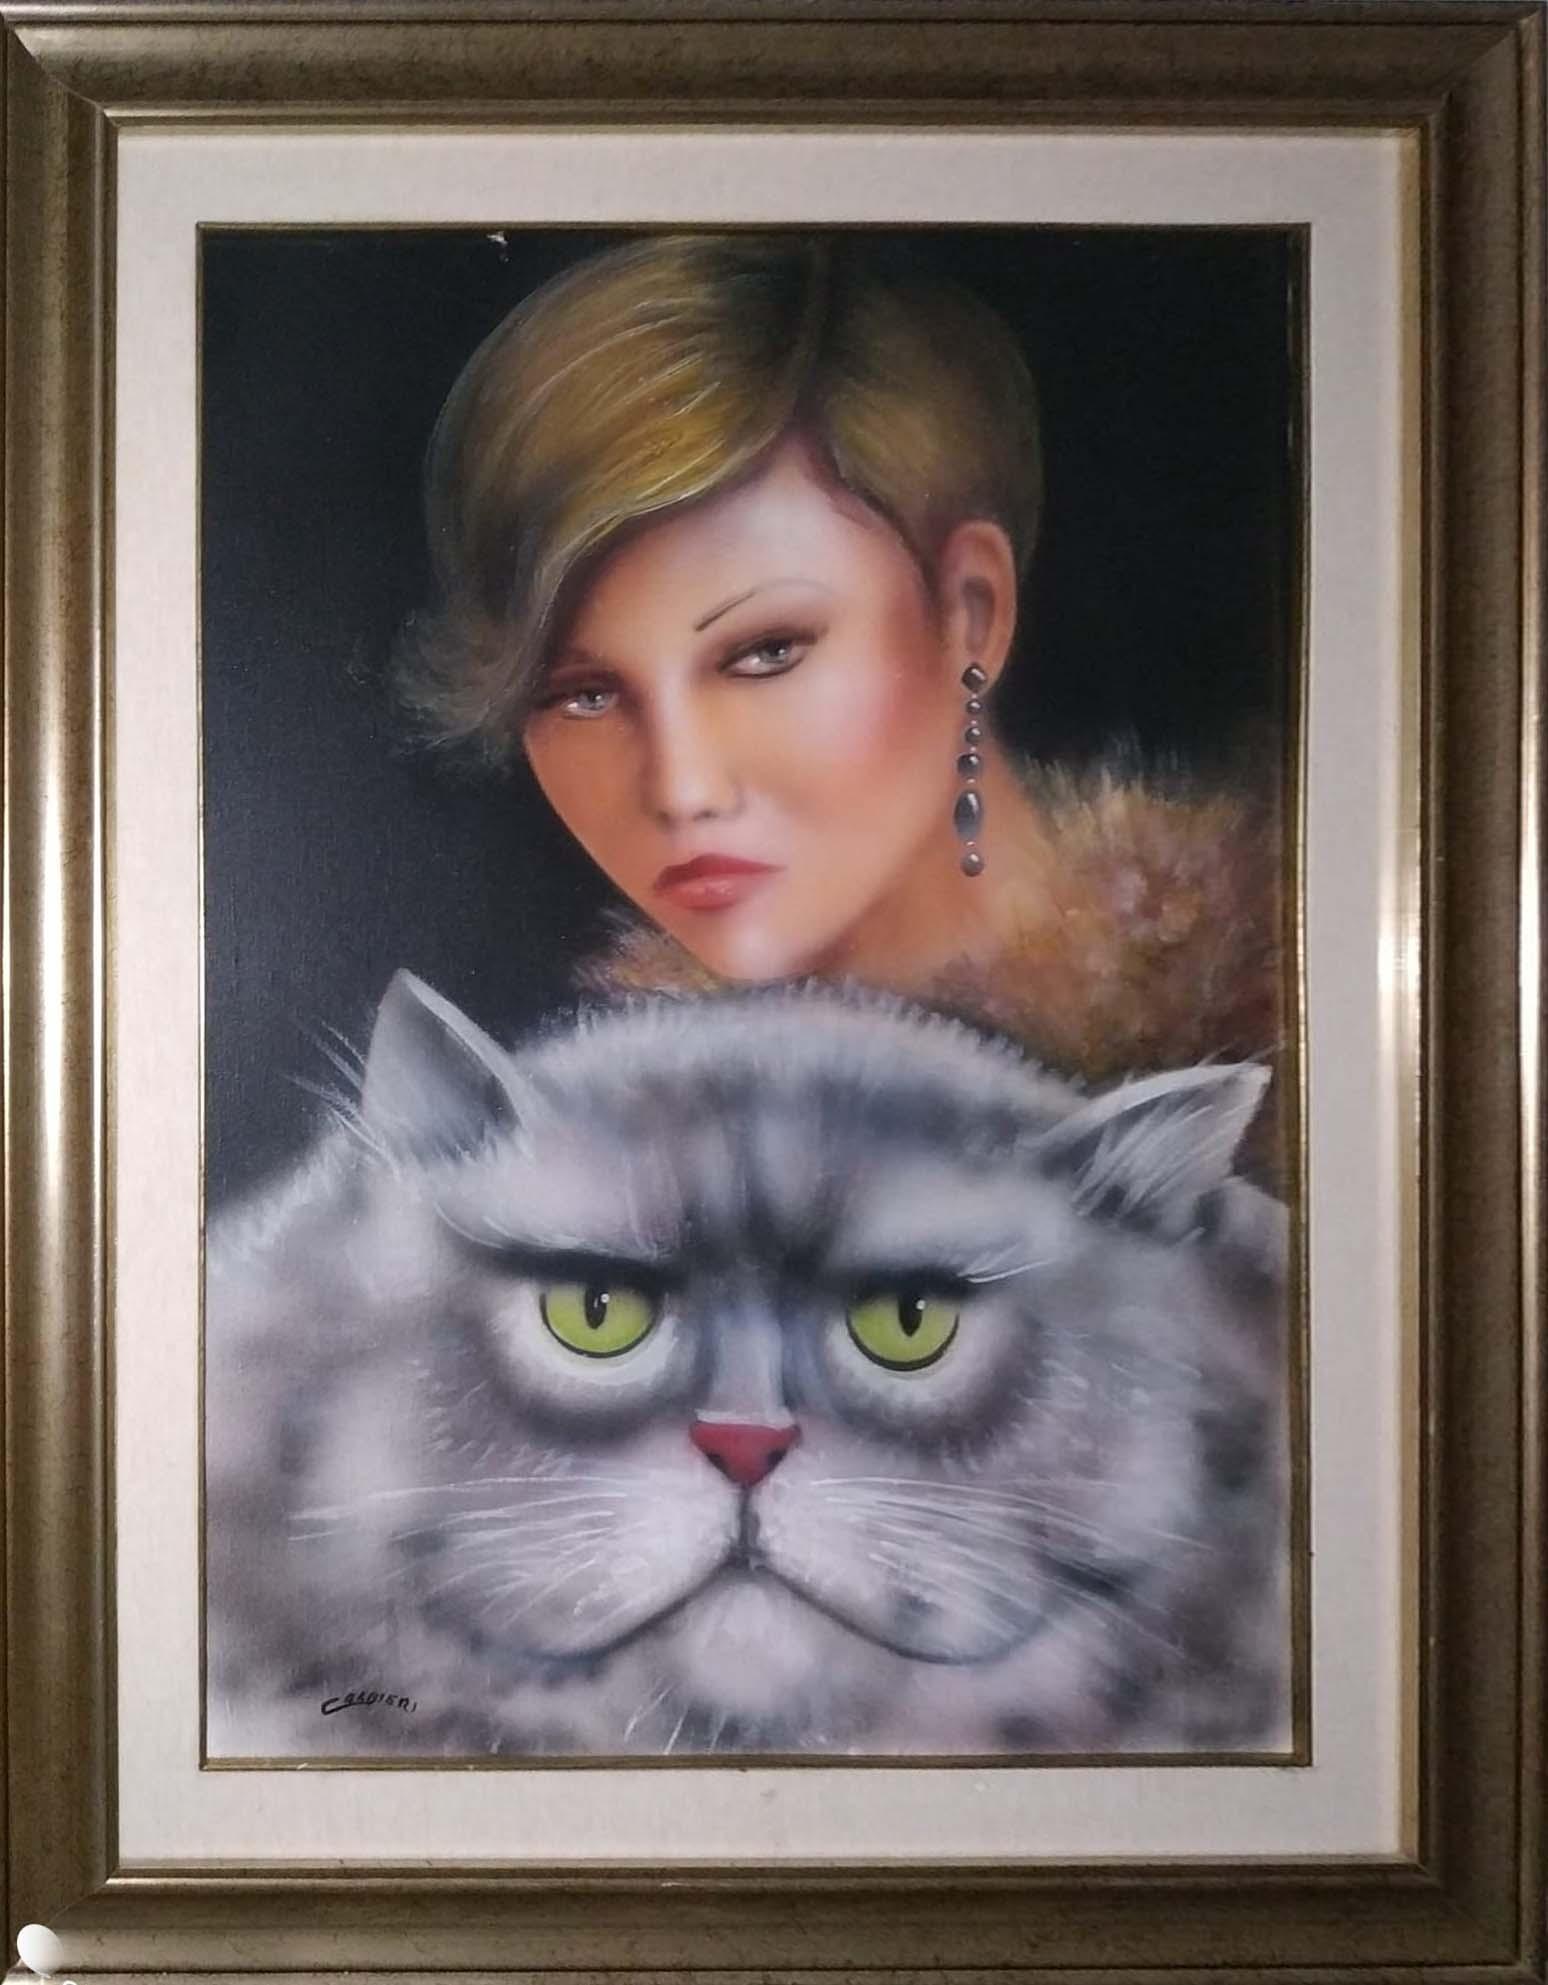 Calbieri – Ragazza con gatto